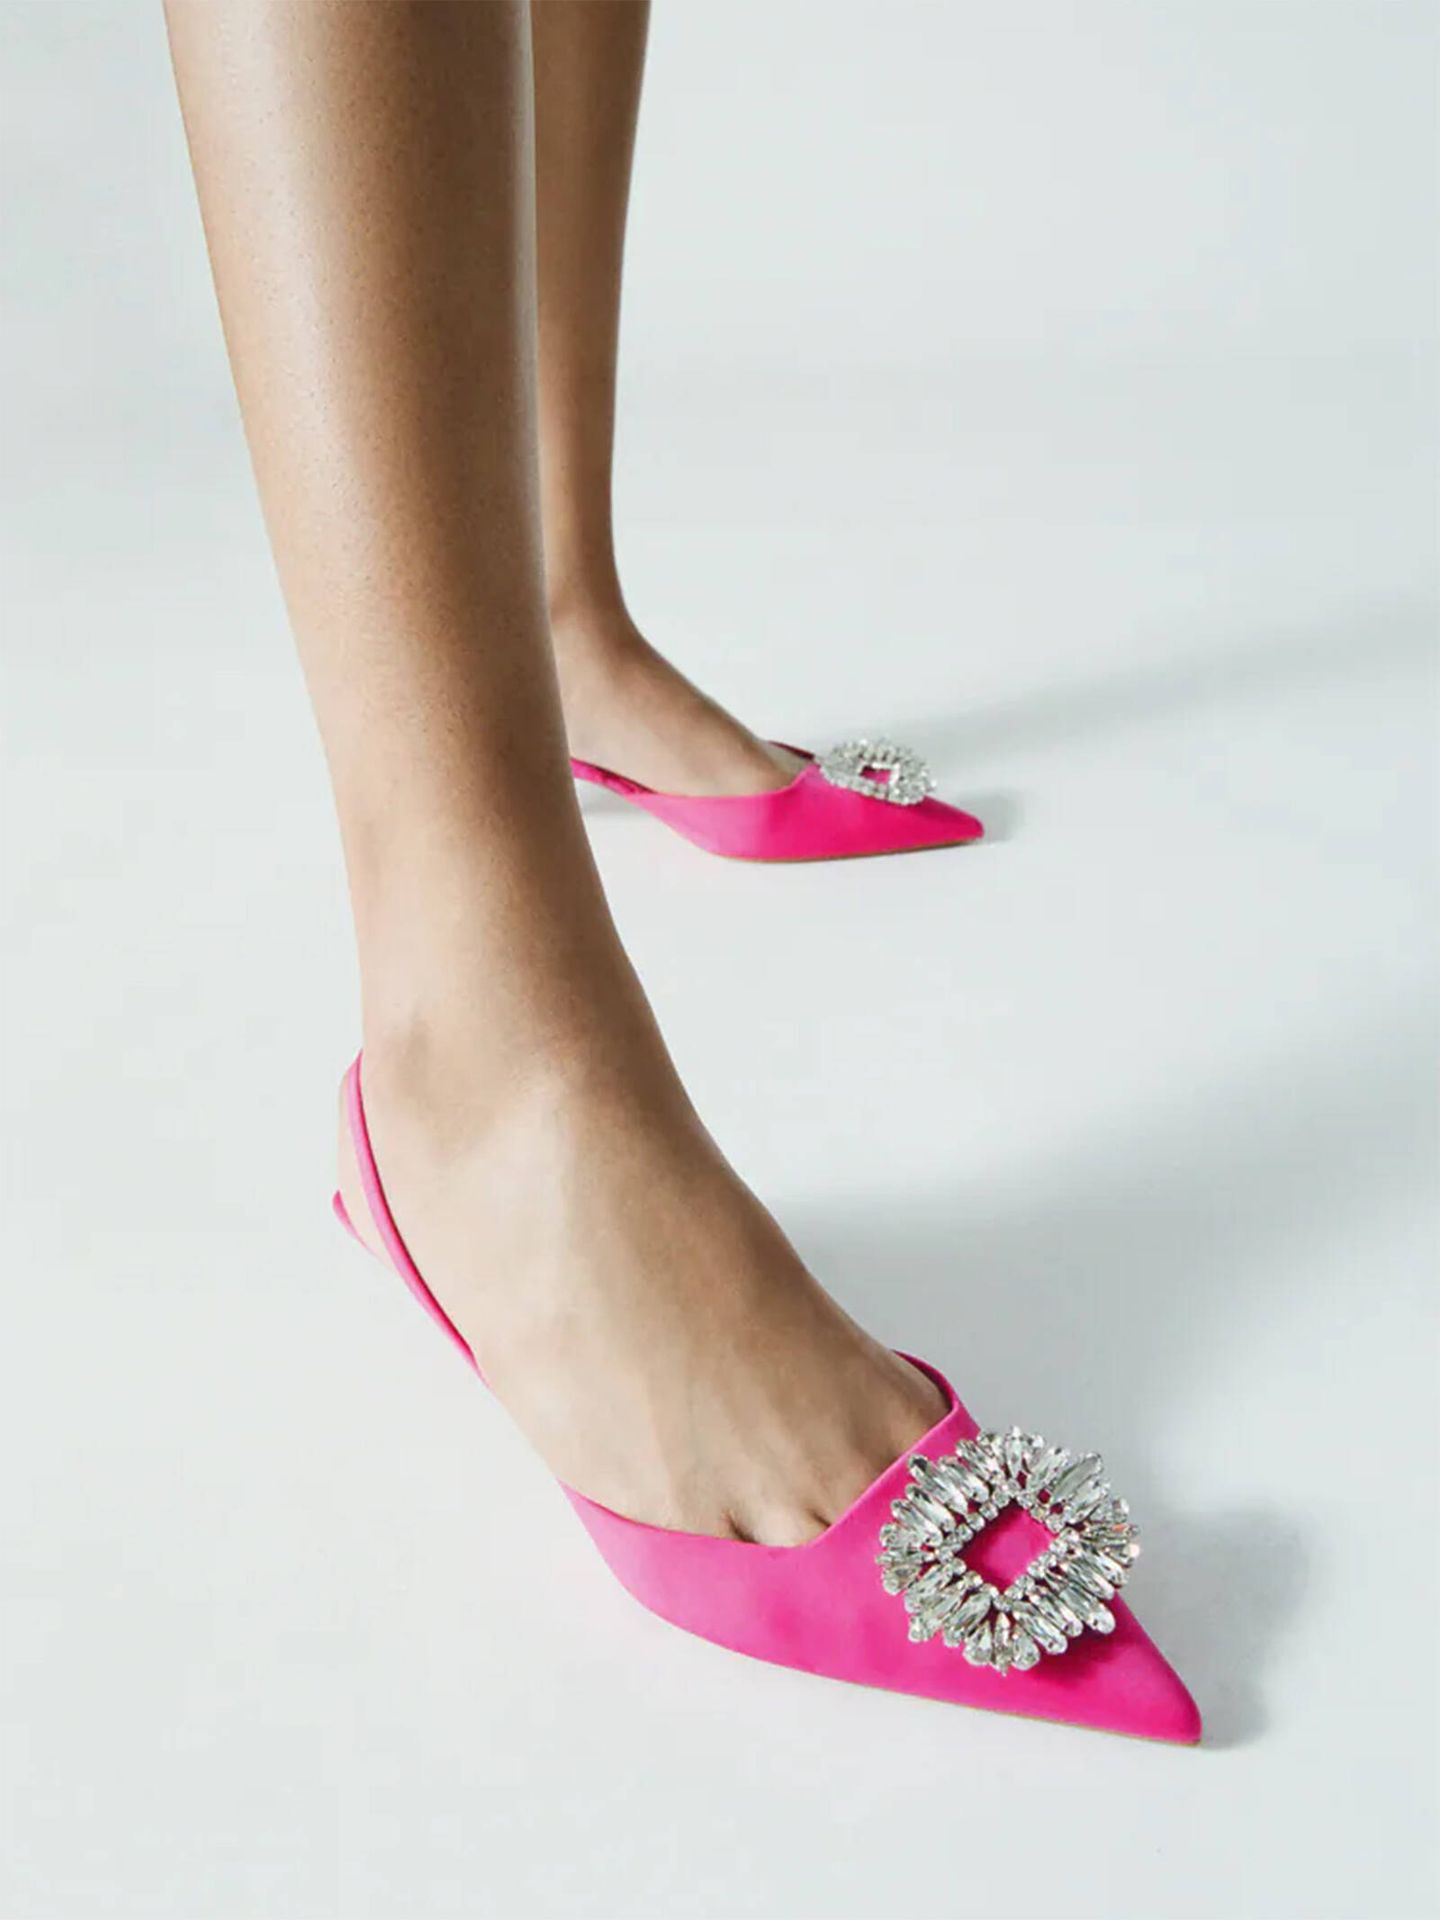 Los zapatos de Zara que eligió la influencer para su look nupcial. (Cortesía)